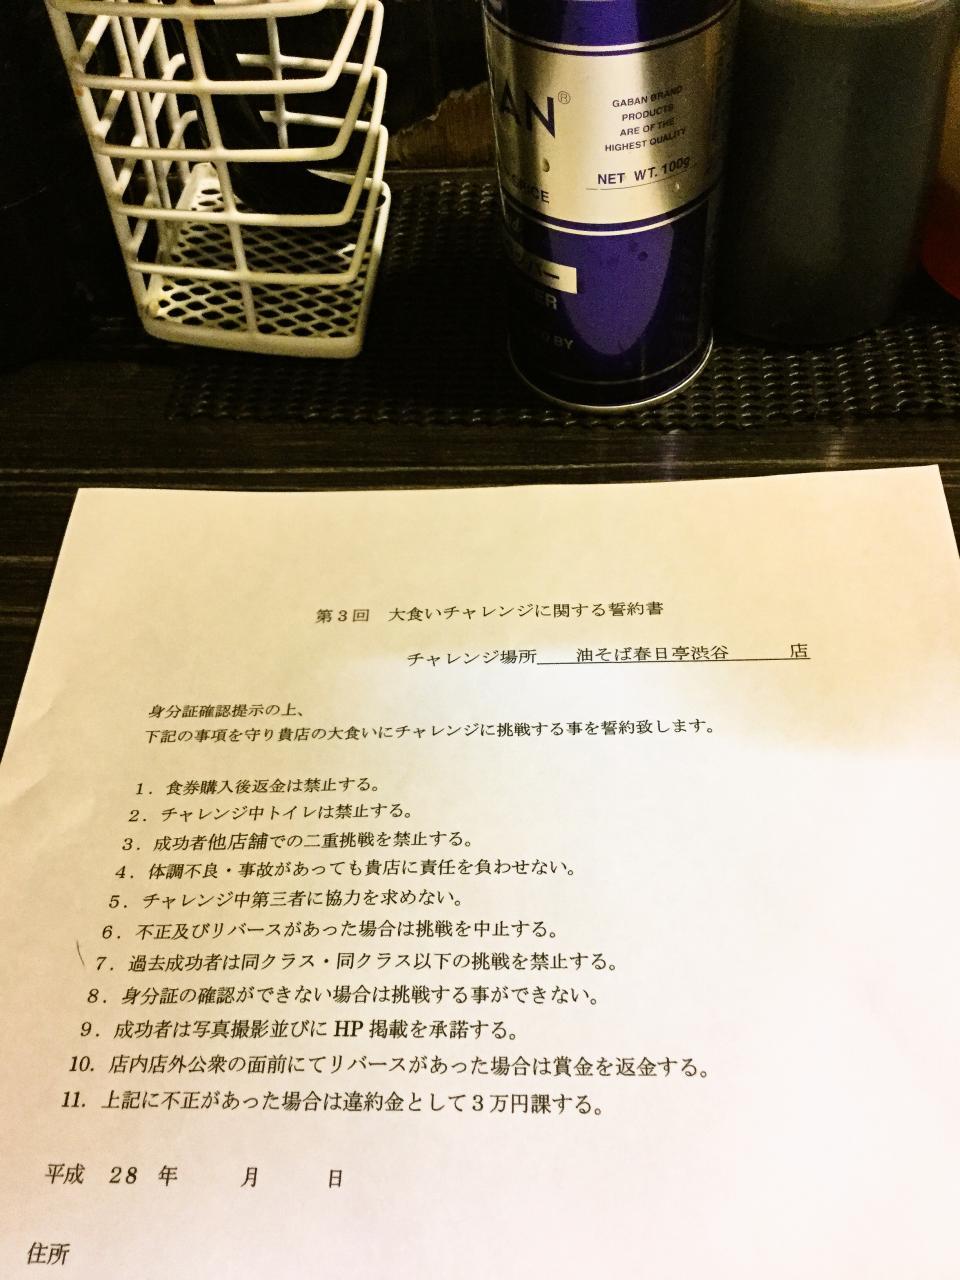 油そば 春日亭 渋谷店(店内)